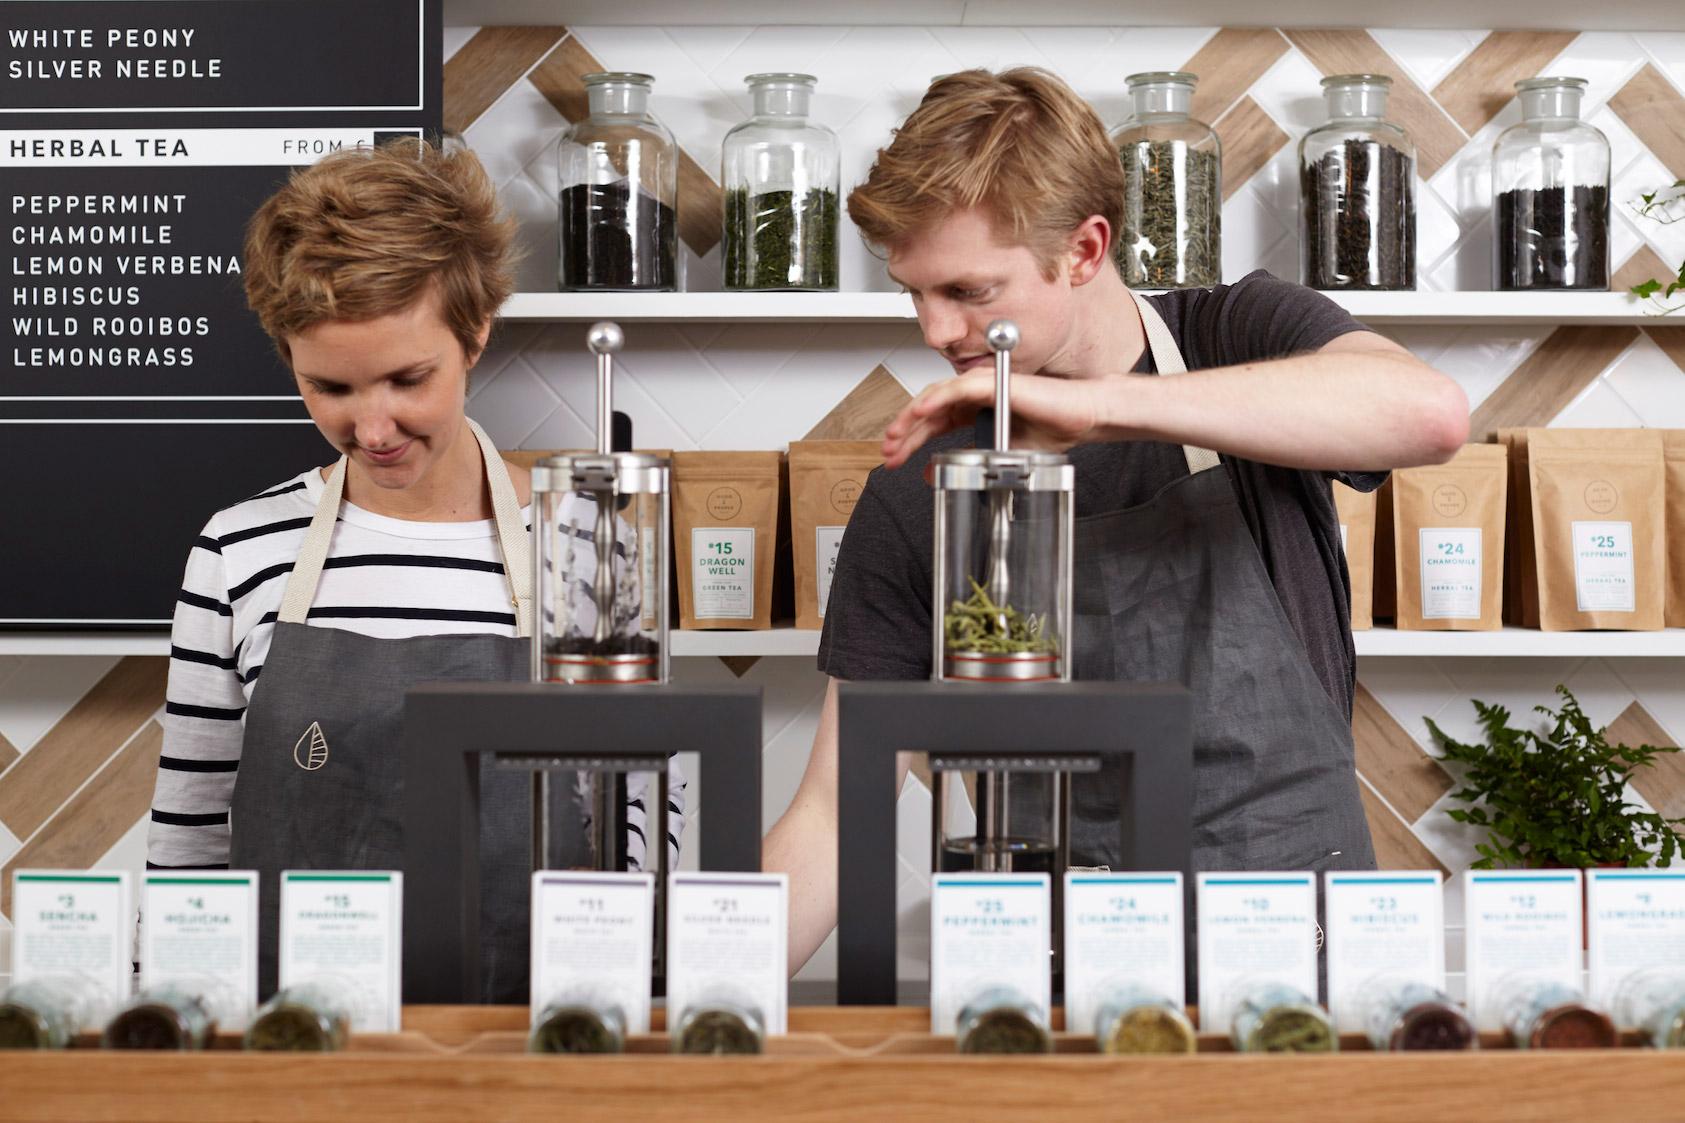 On 7th April, loose-leaf tea gurus Good & Proper Tea, will open their second artisan tea room on Leather Lane.